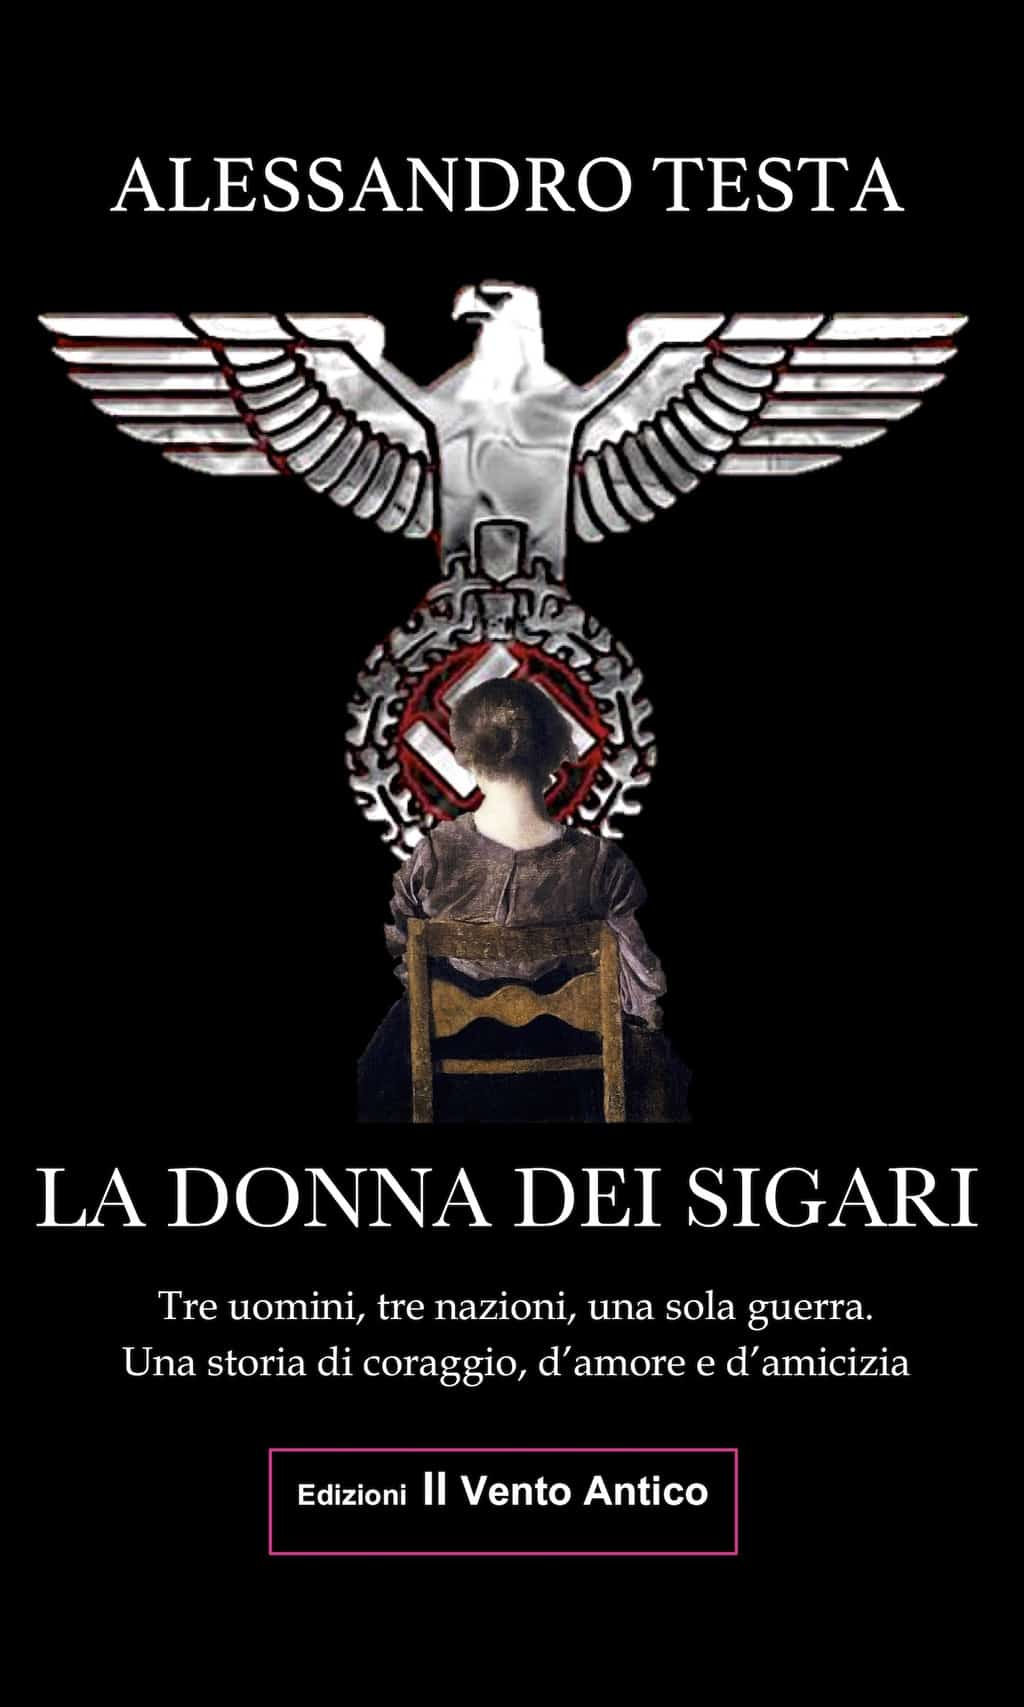 La donna dei sigari – Alessandro Testa — Thriller Storici e Dintorni